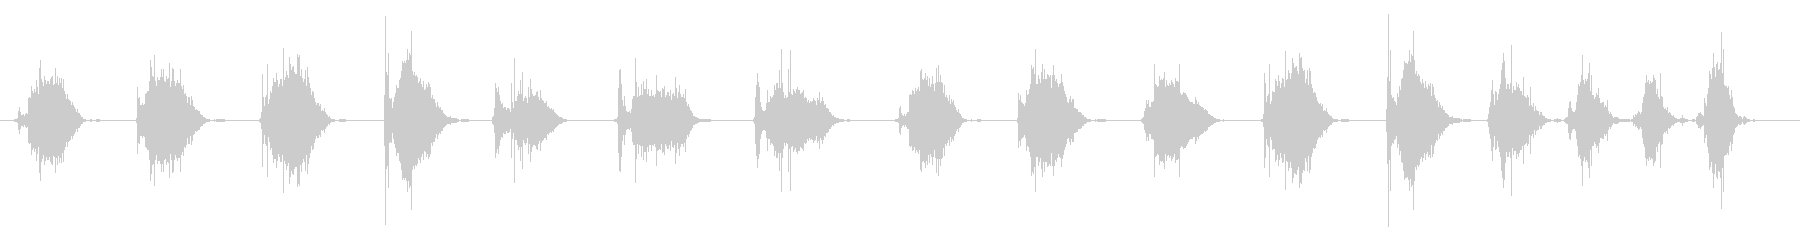 ほうきをかける効果音 02の未再生の波形